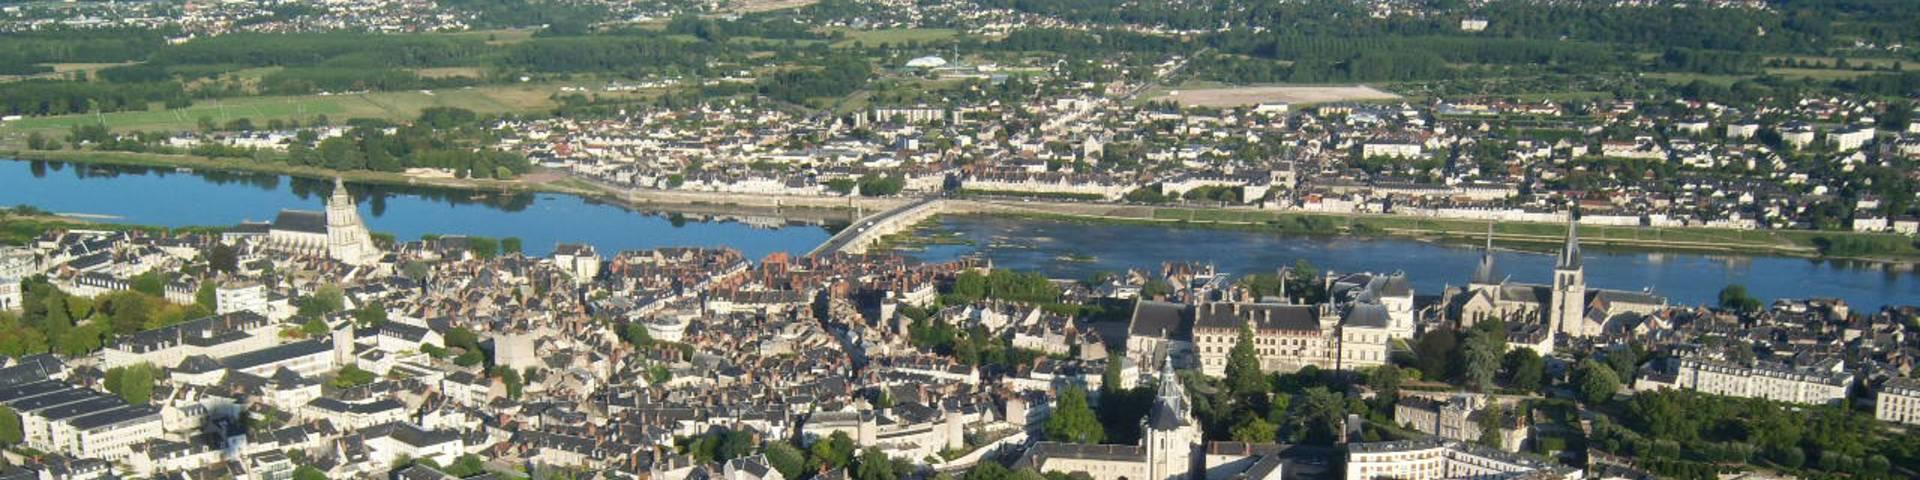 Balloon flight over Blois